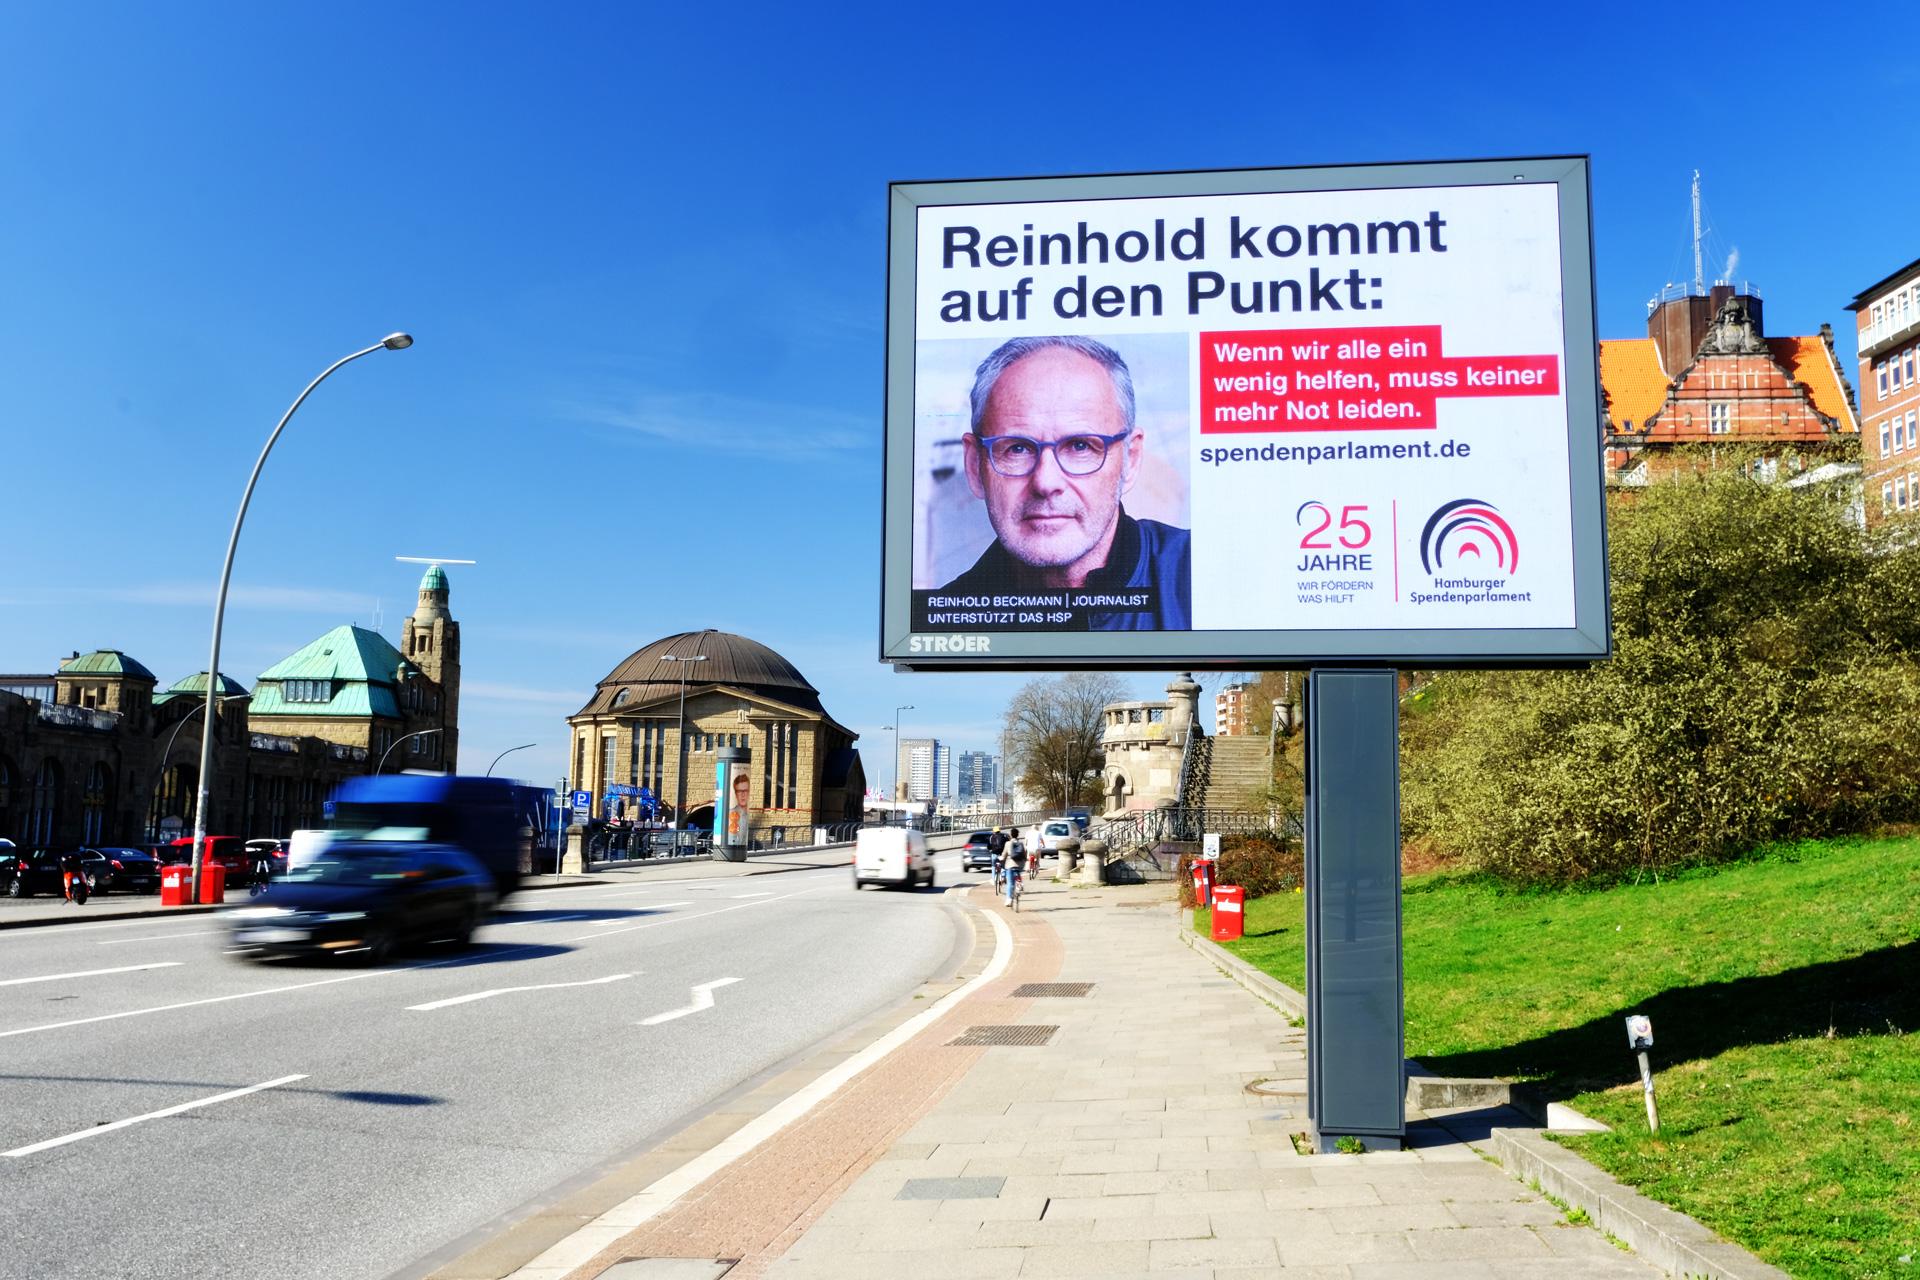 WERK4_Hamburger-Spendenparlament_Reinholdt